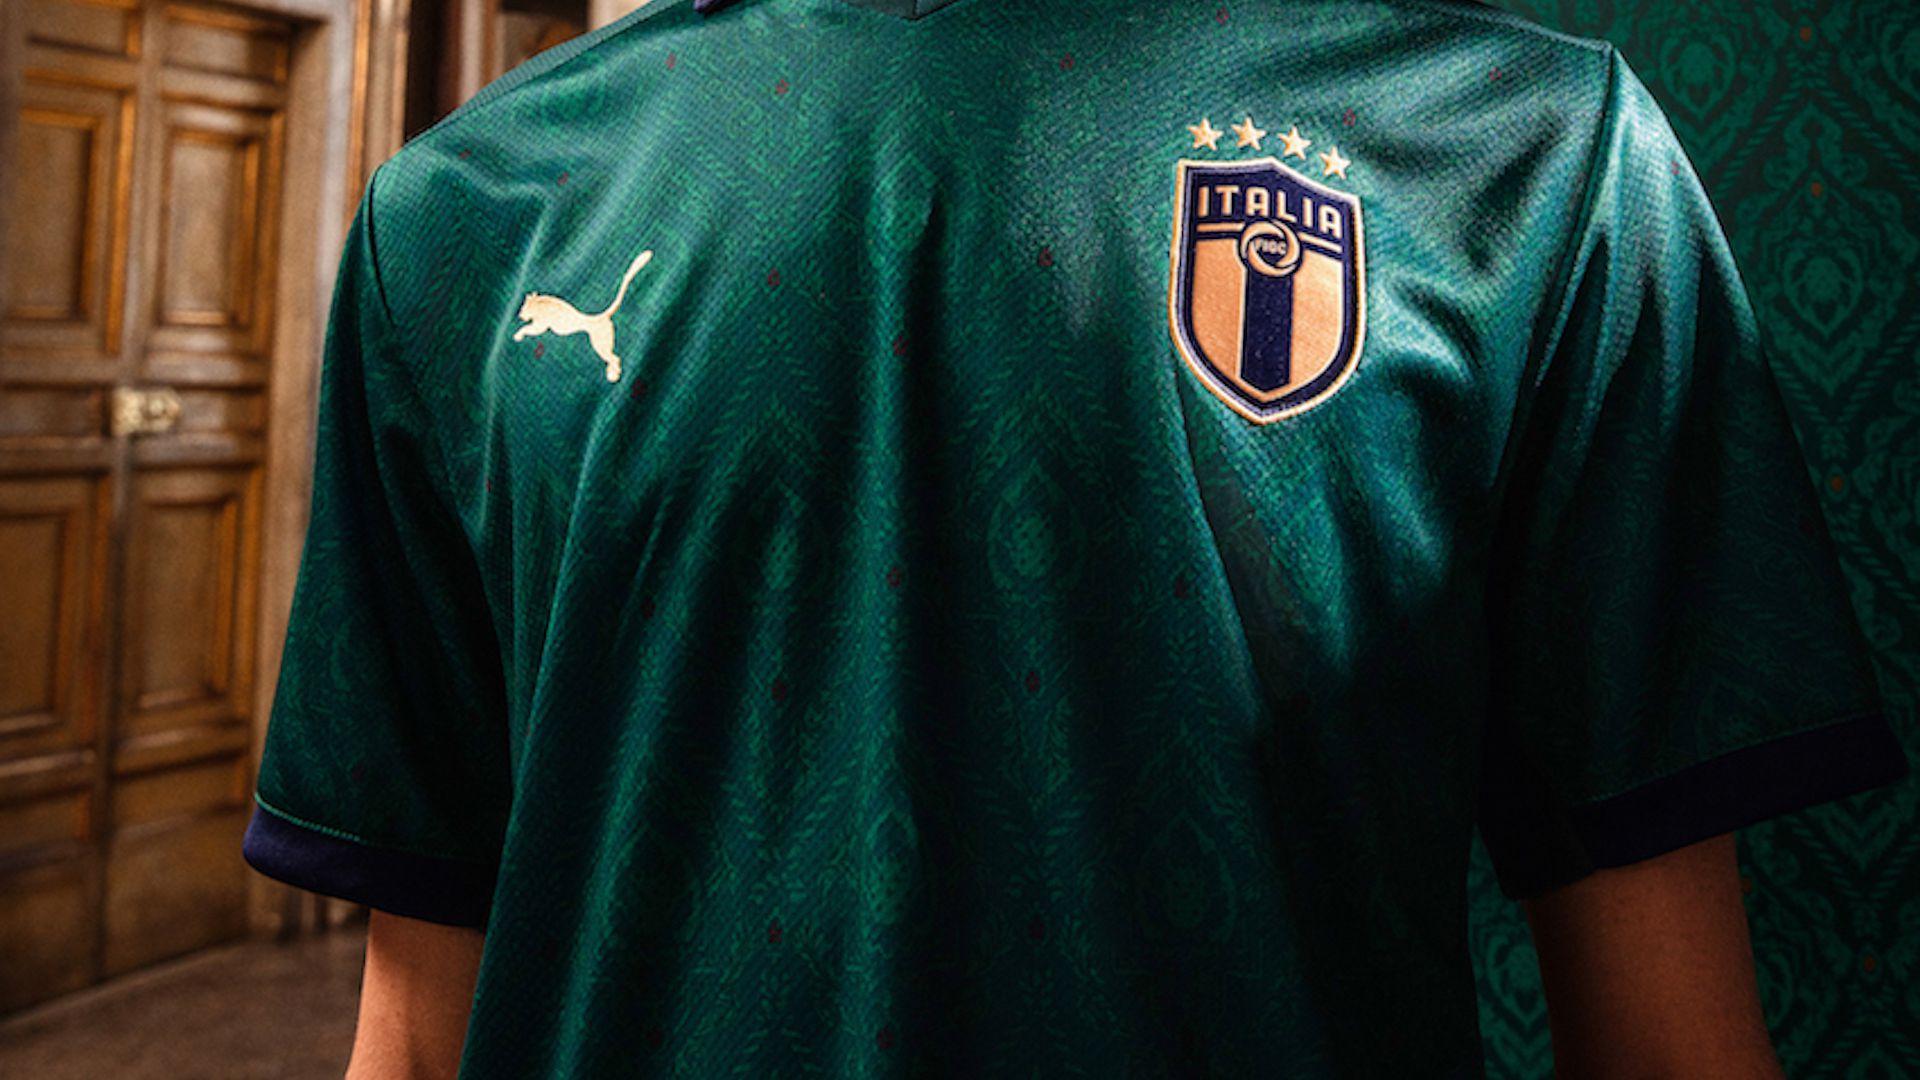 Nazionale, dopo 65 anni torna la maglia verde